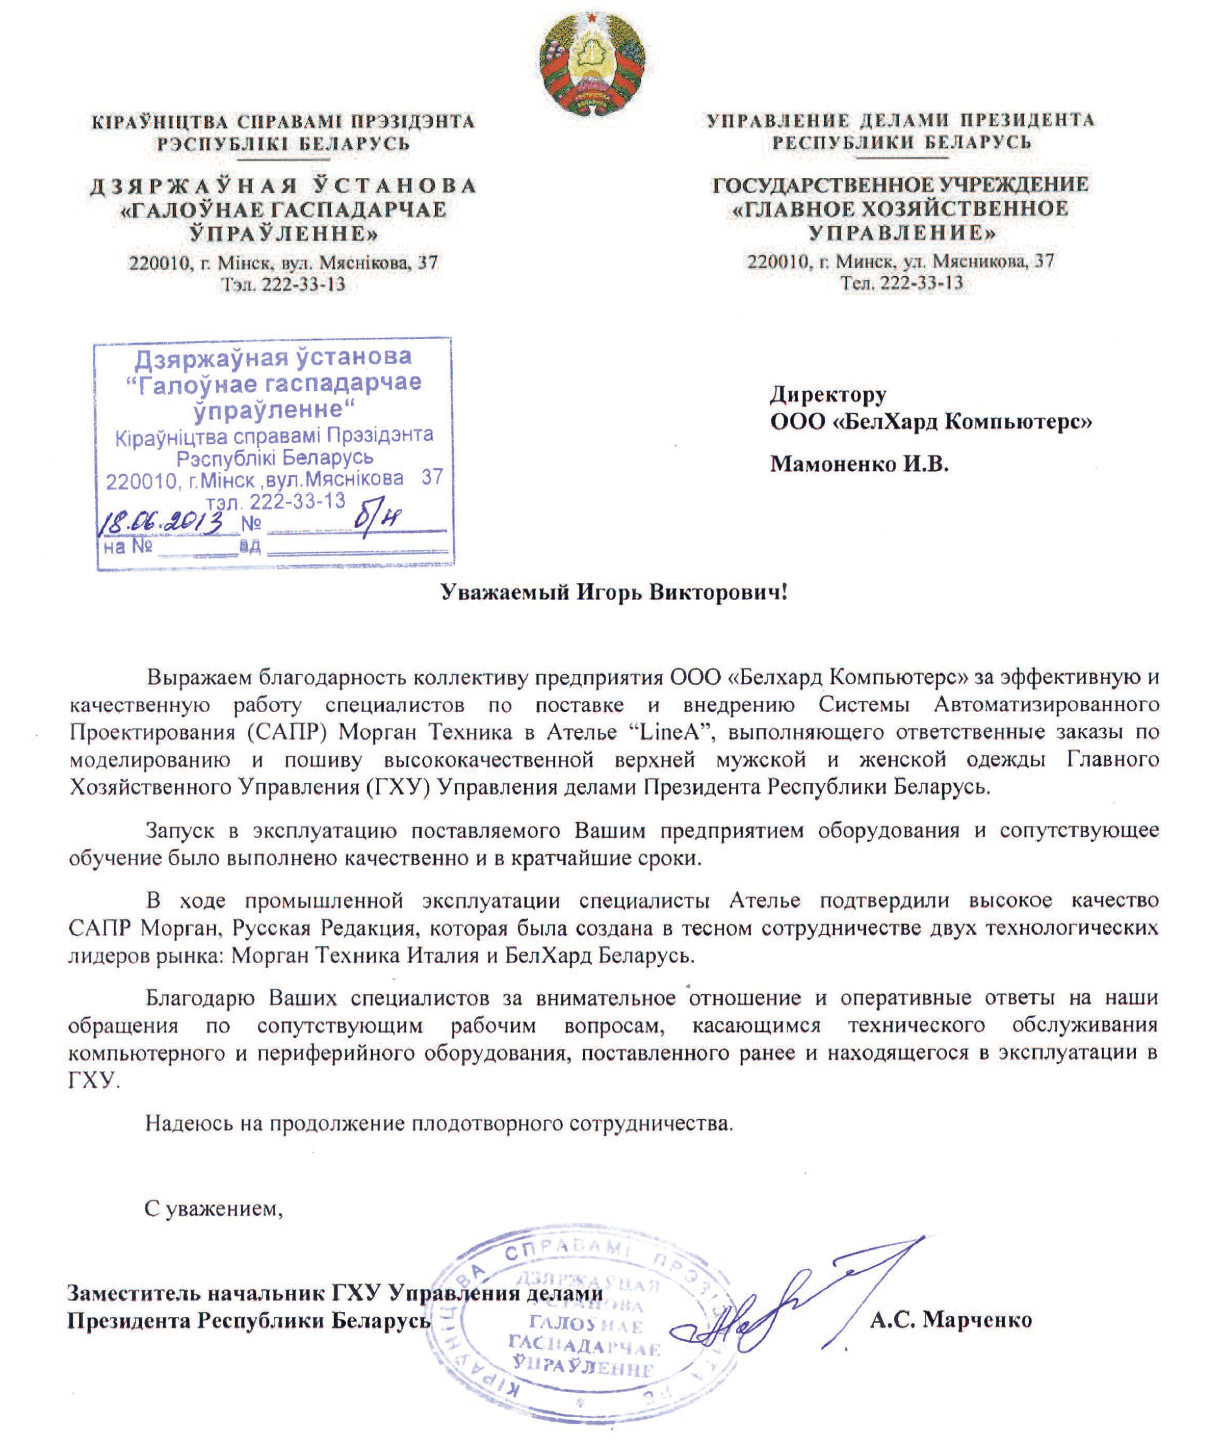 Государственное учреждение «Главное хозяйственное управление» Управления делами Президента Республики Беларусь